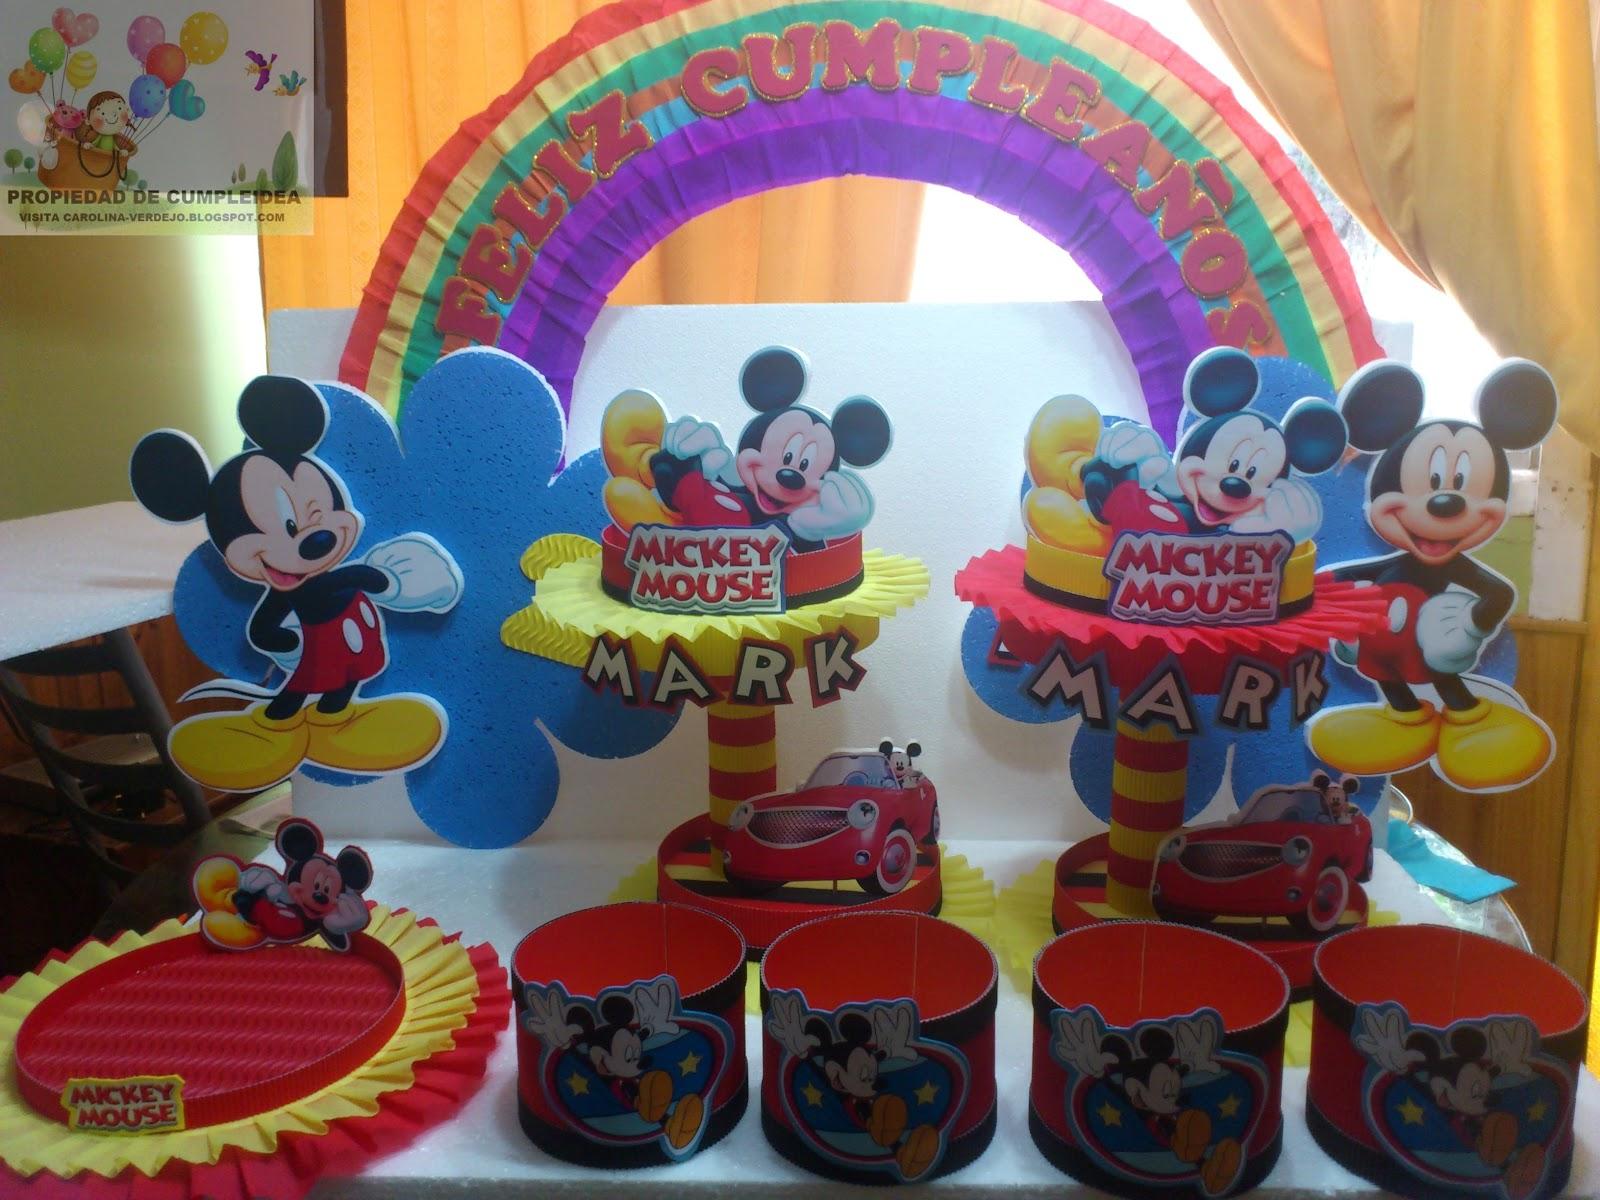 Mickey Mouse Decoracion Mesa ~ Publicado por Carolina Verdejo S en 18 09